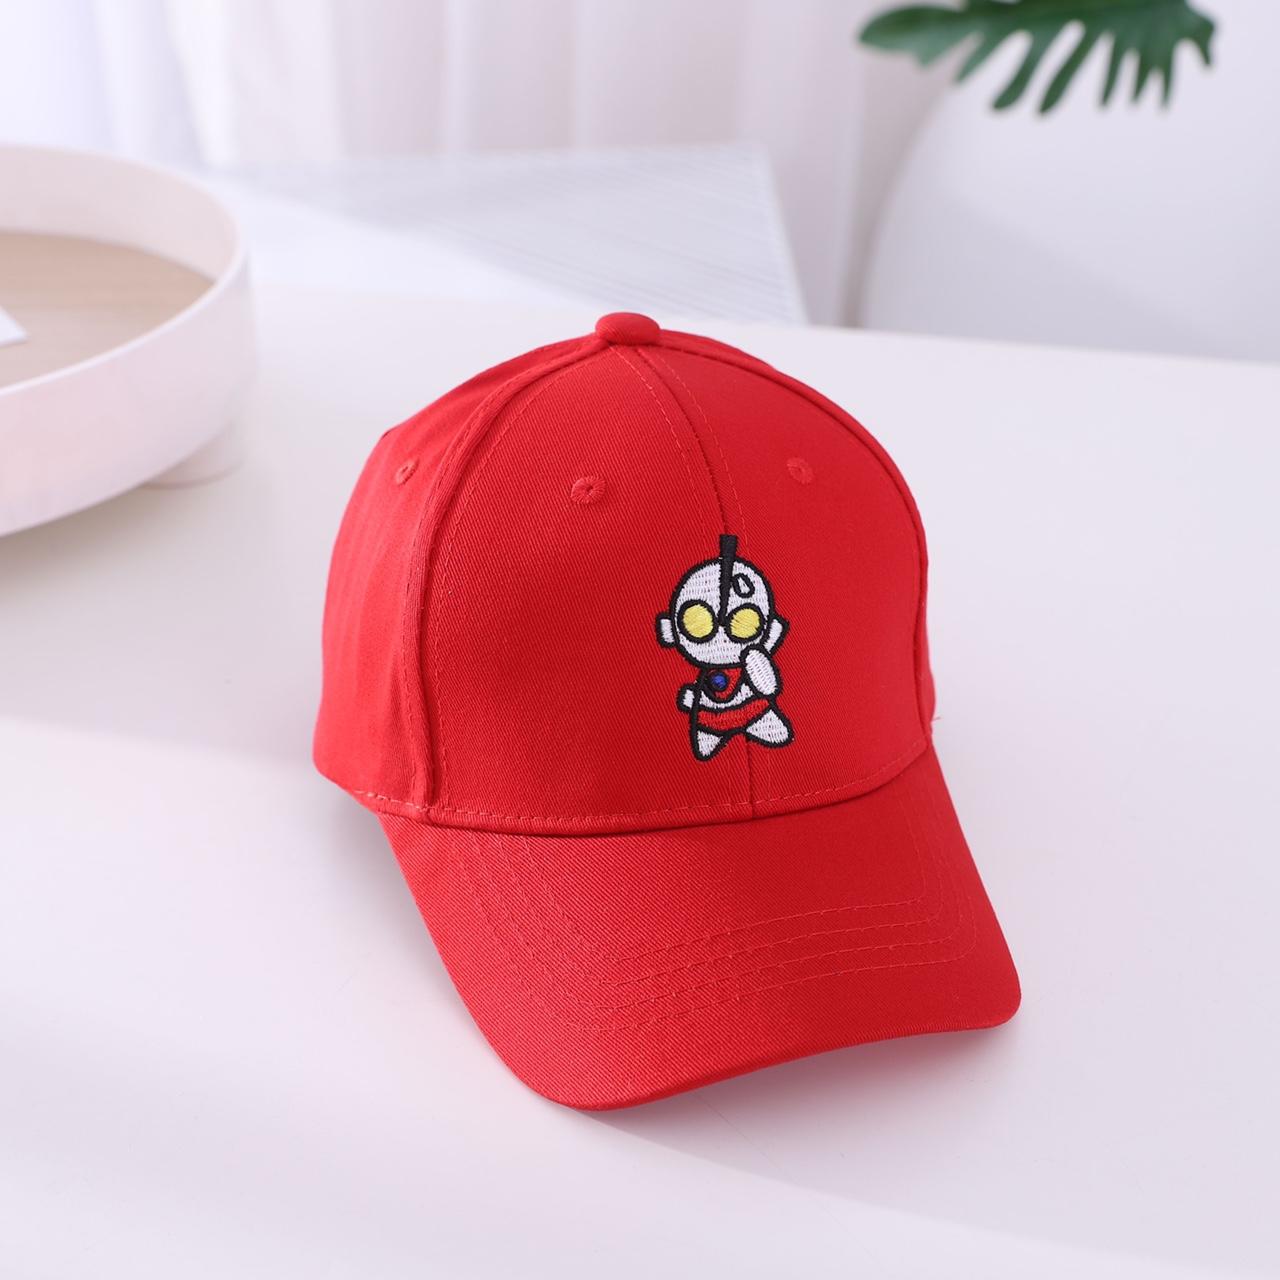 儿童帽子遮阳帽嘻哈帽子棒球帽时尚帽潮101